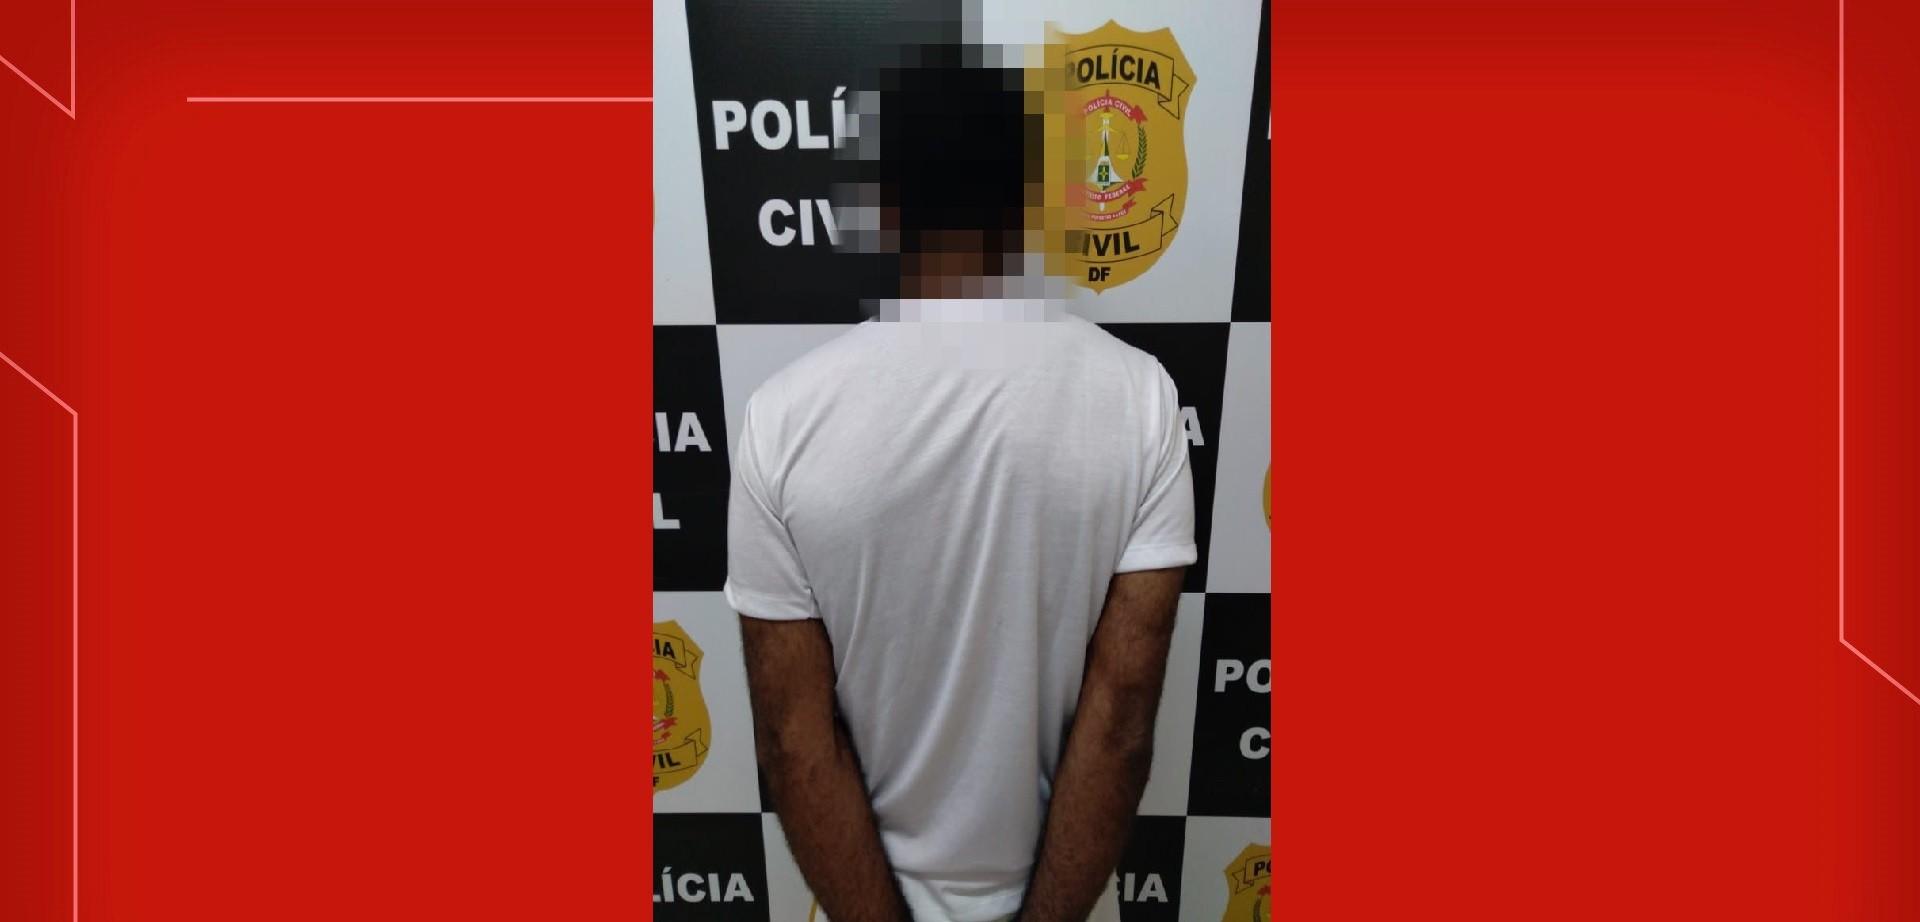 Homem é preso suspeito de agredir duas mulheres com barra de ferro, no DF